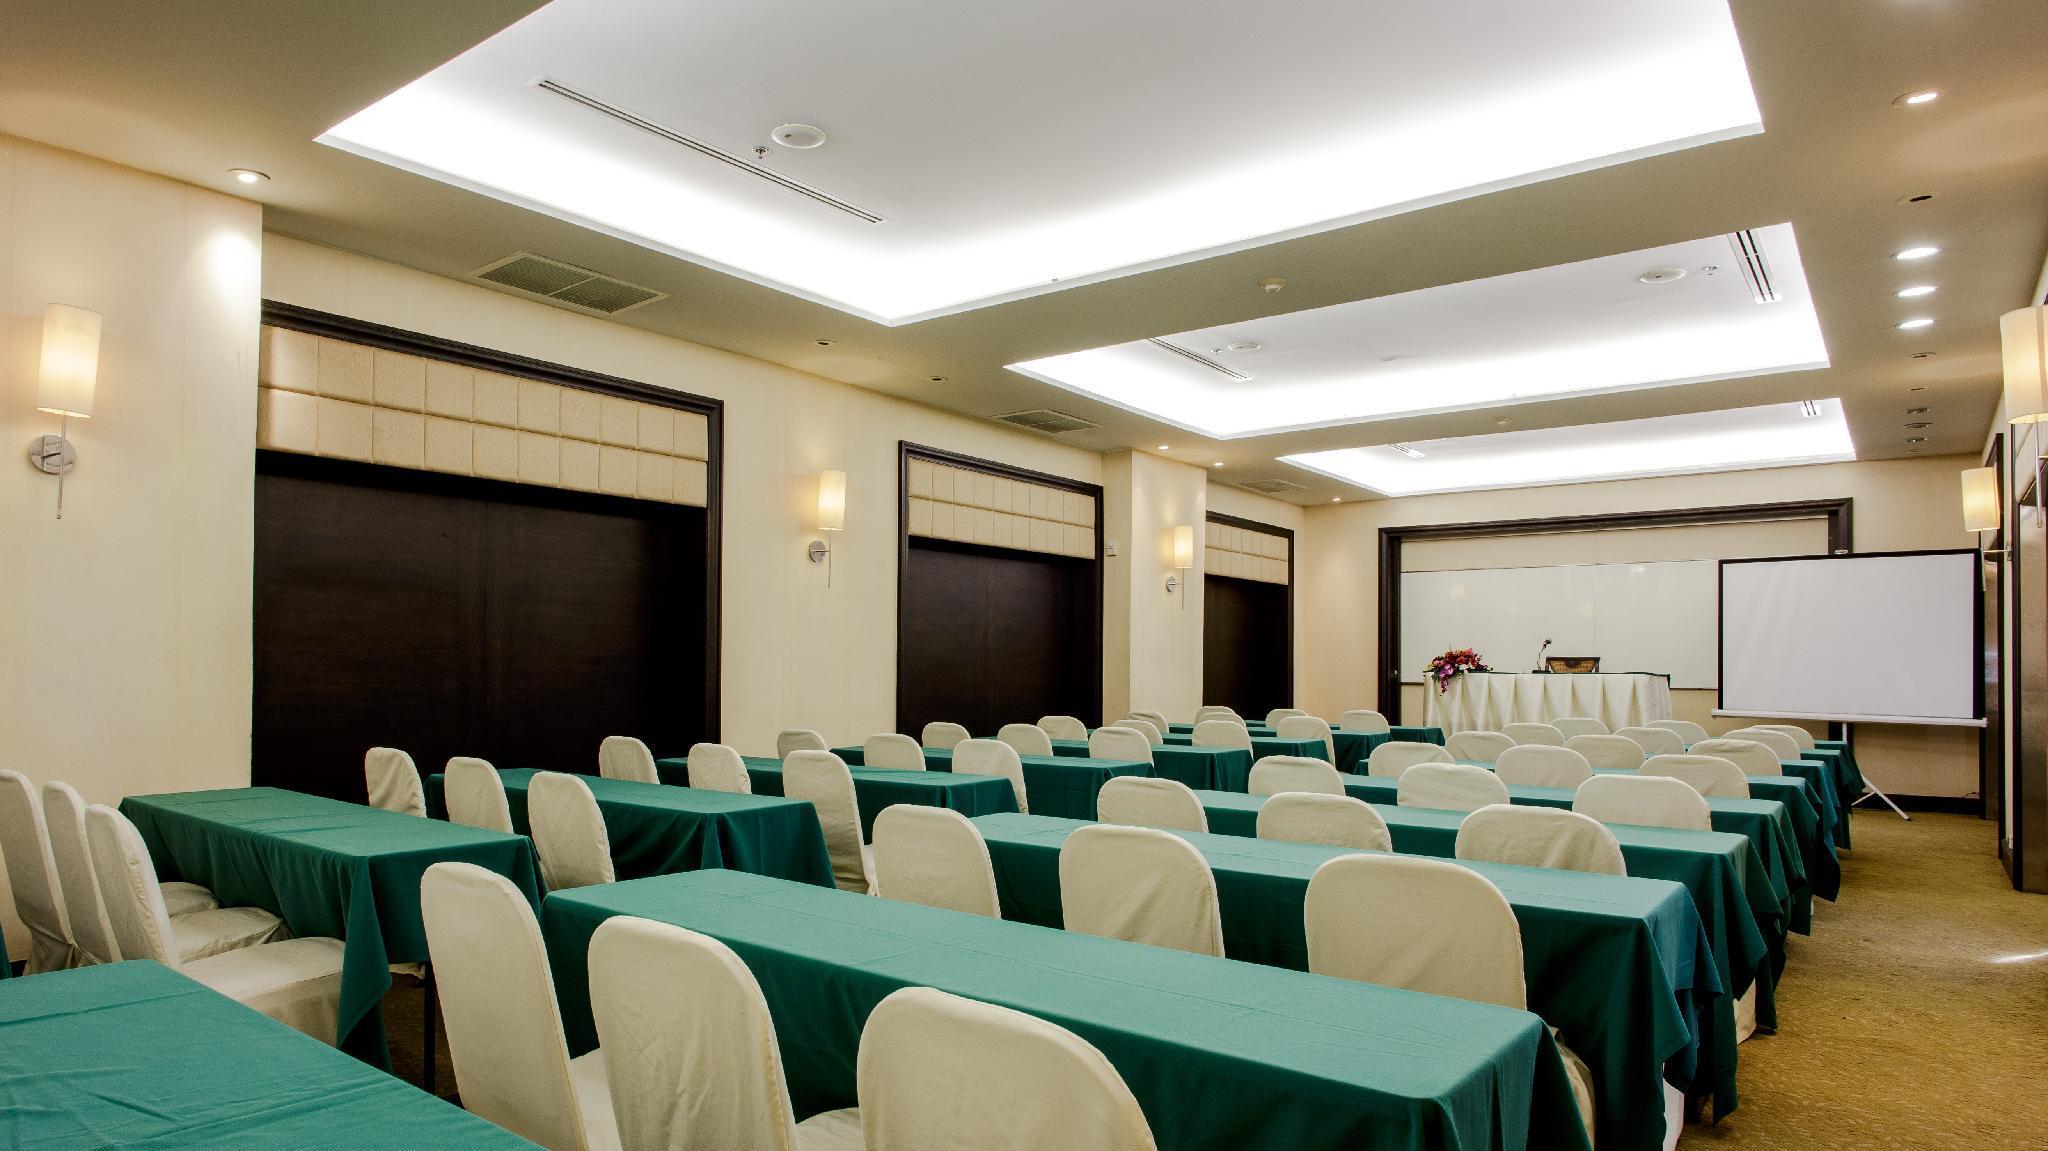 โรงแรม เดอะ ไดนาสตี้ กรุงเทพฯ